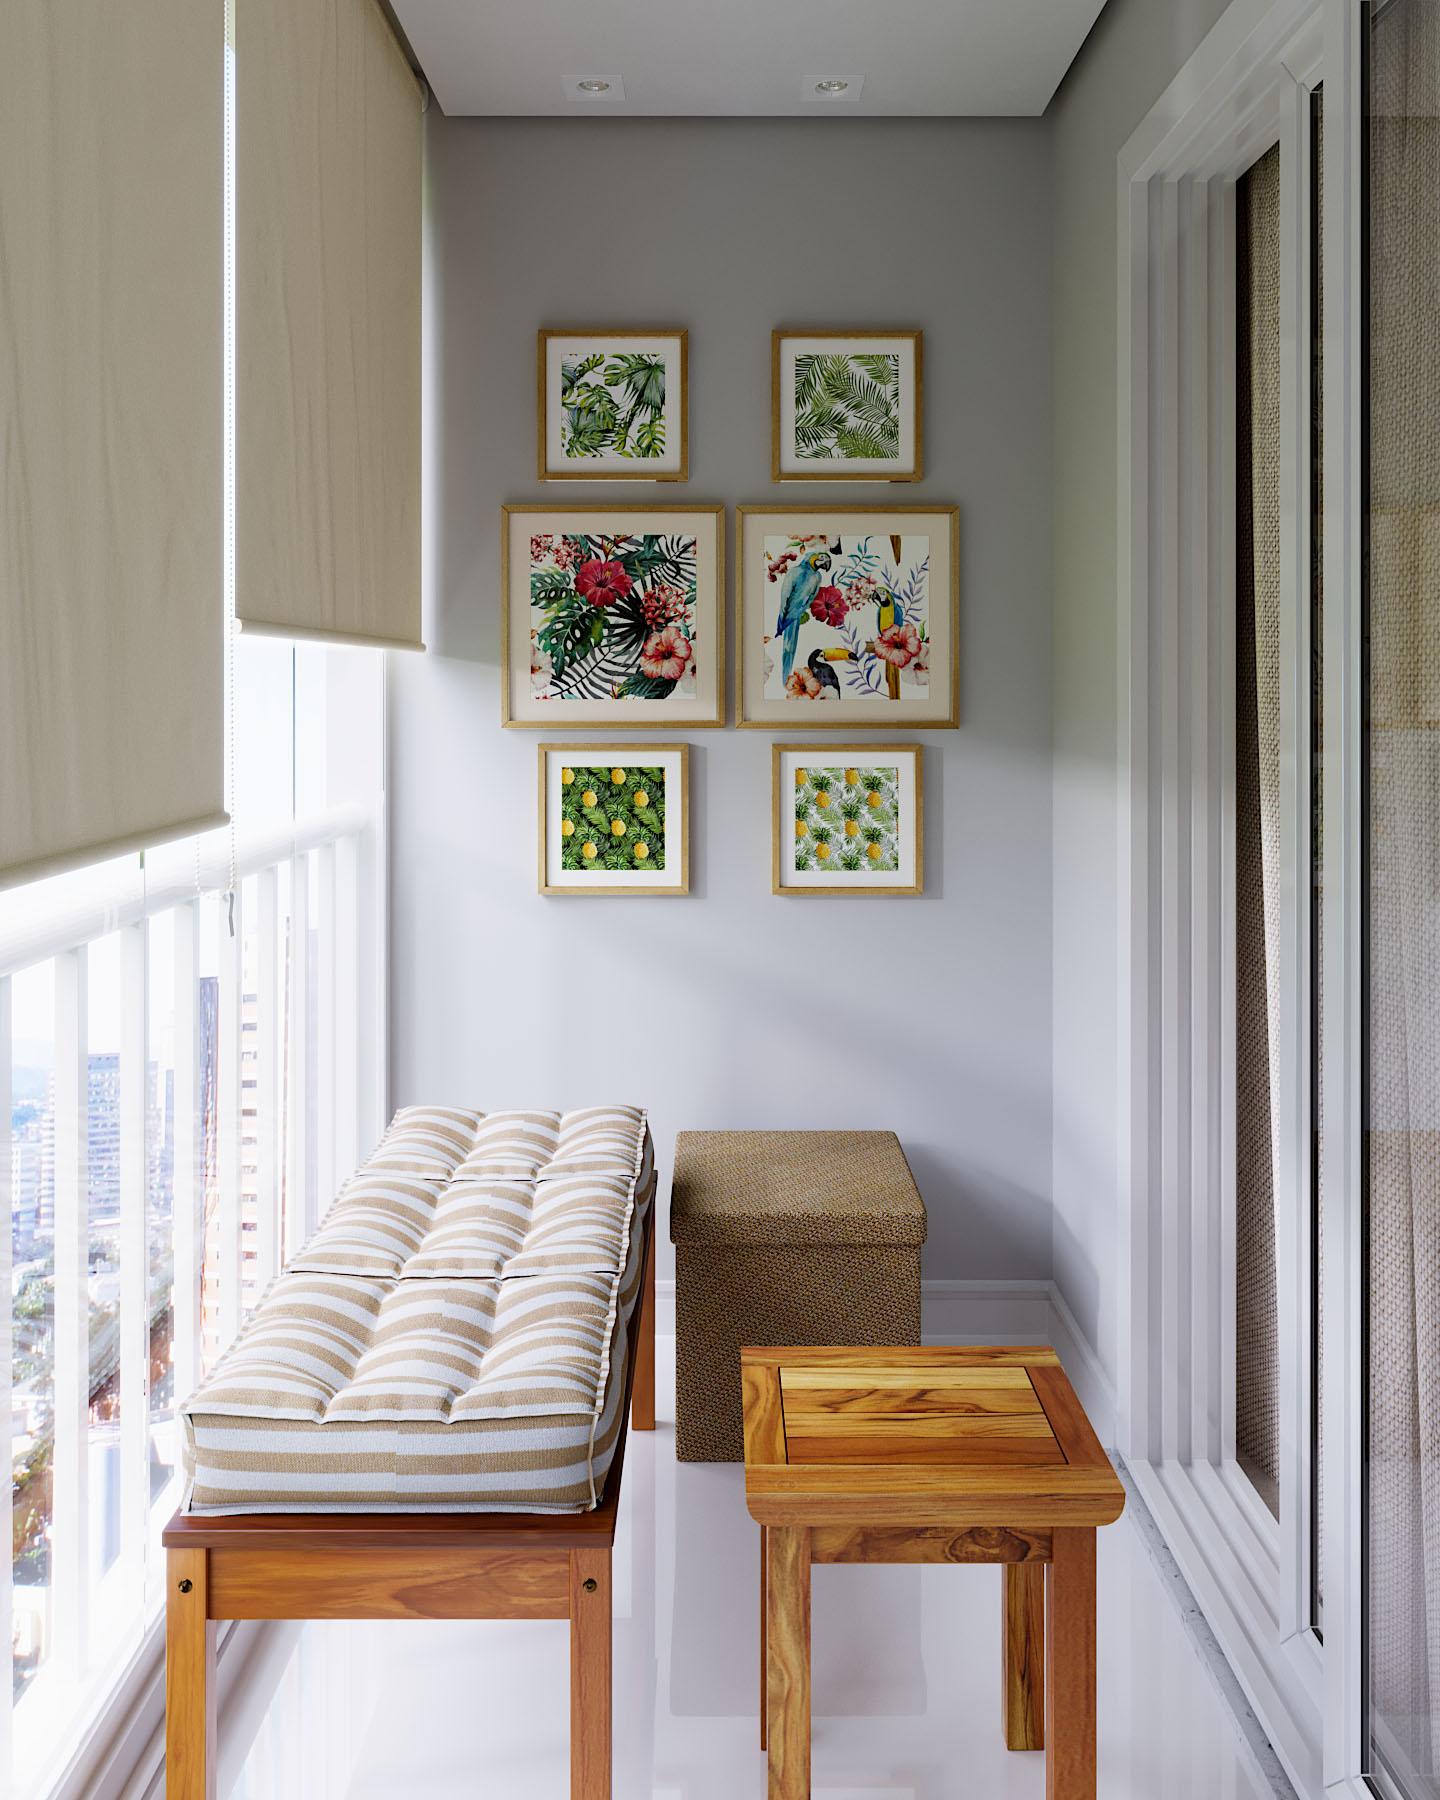 Apartamento Pequeno: Varanda De Apartamento Pequena Decorada